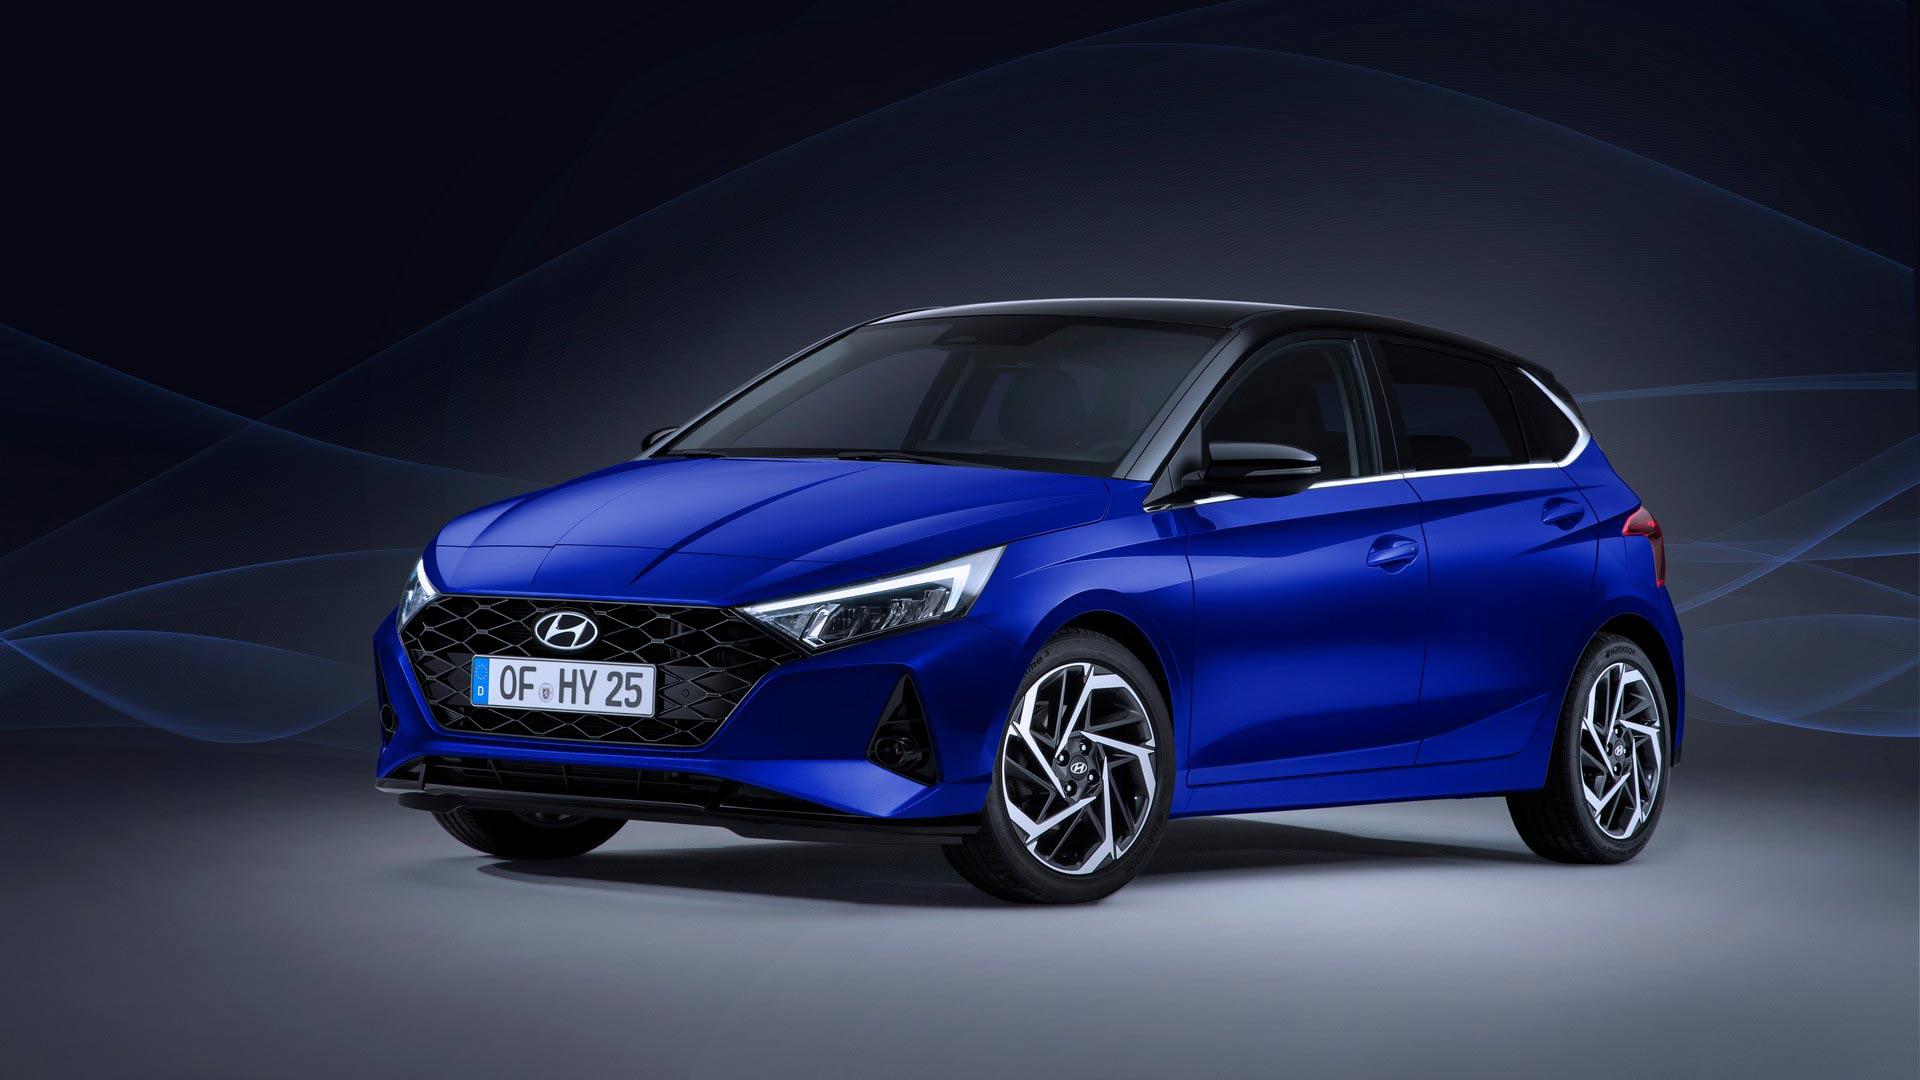 Hyundai i20 2020 lộ diện với thiết kế sắc nét, cạnh tranh Toyota Yaris